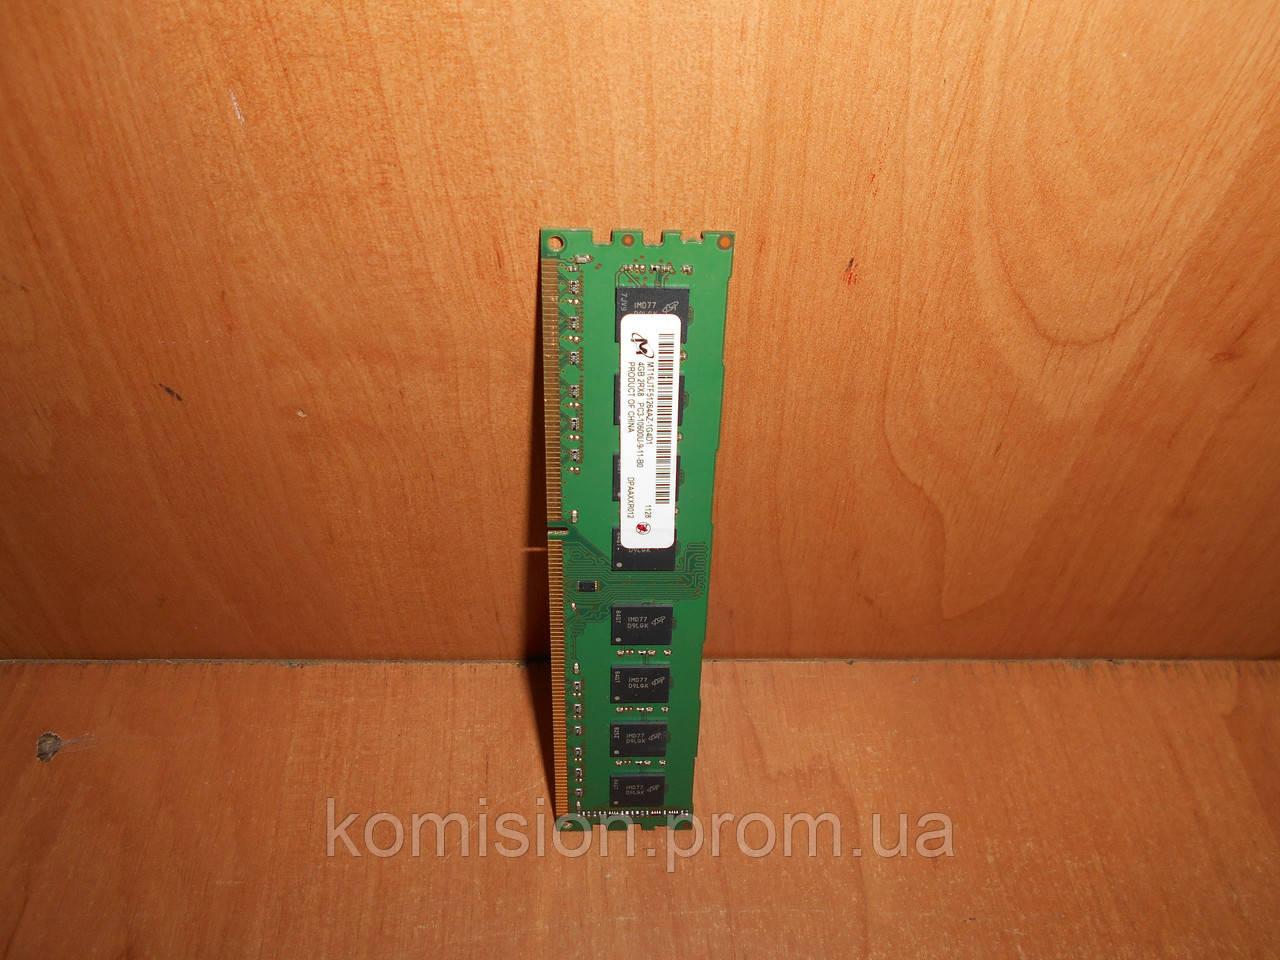 Модуль памяти Micron DDR3 4 Gb для компьютера